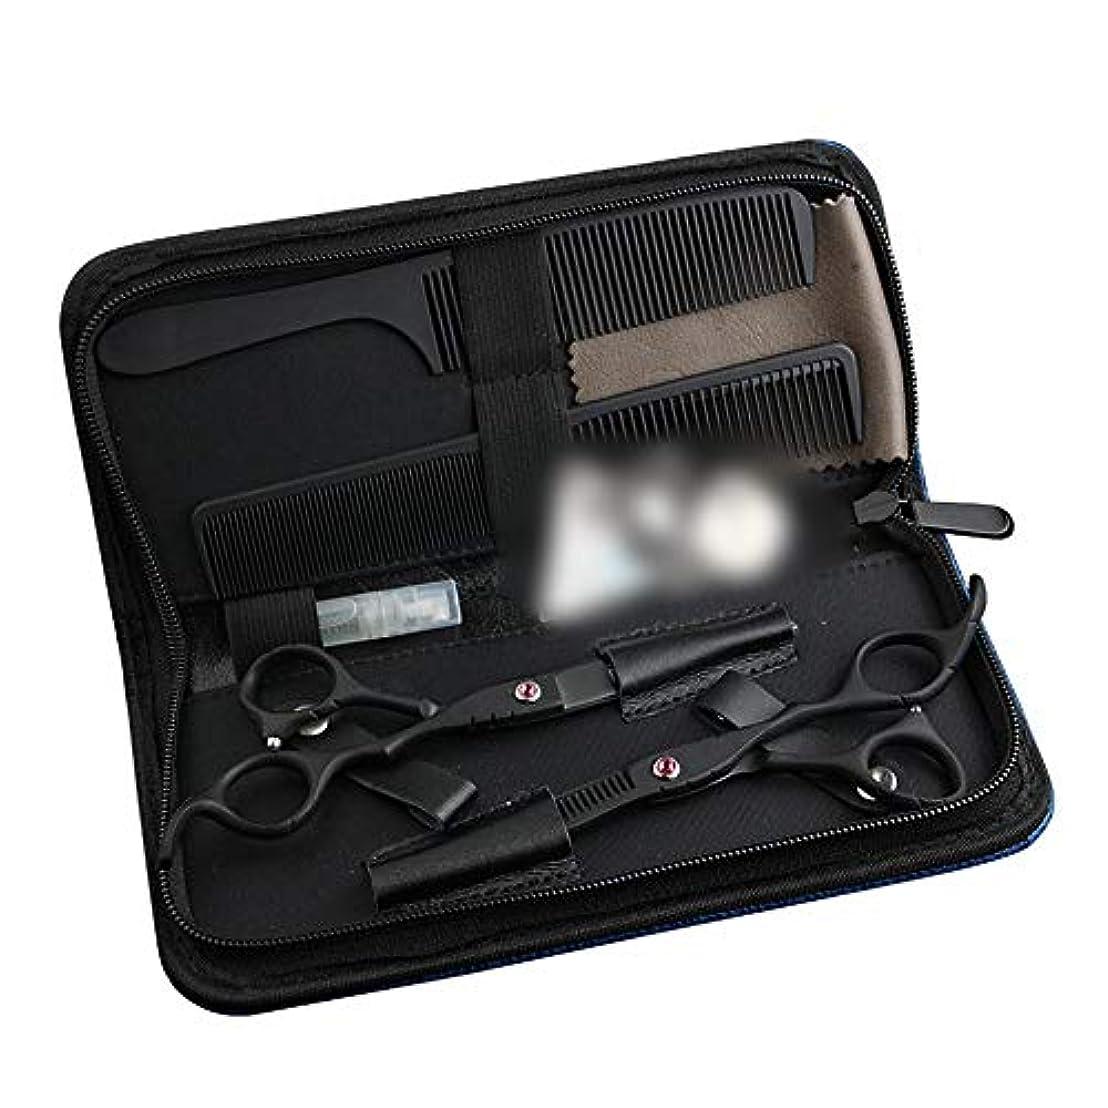 ユーモラス囚人蓋Goodsok-jp 6.0インチの理髪黒の単一の曲げられた手のはさみセット、理髪はさみの平らなせん断の歯の切断の組合せ (色 : 黒)